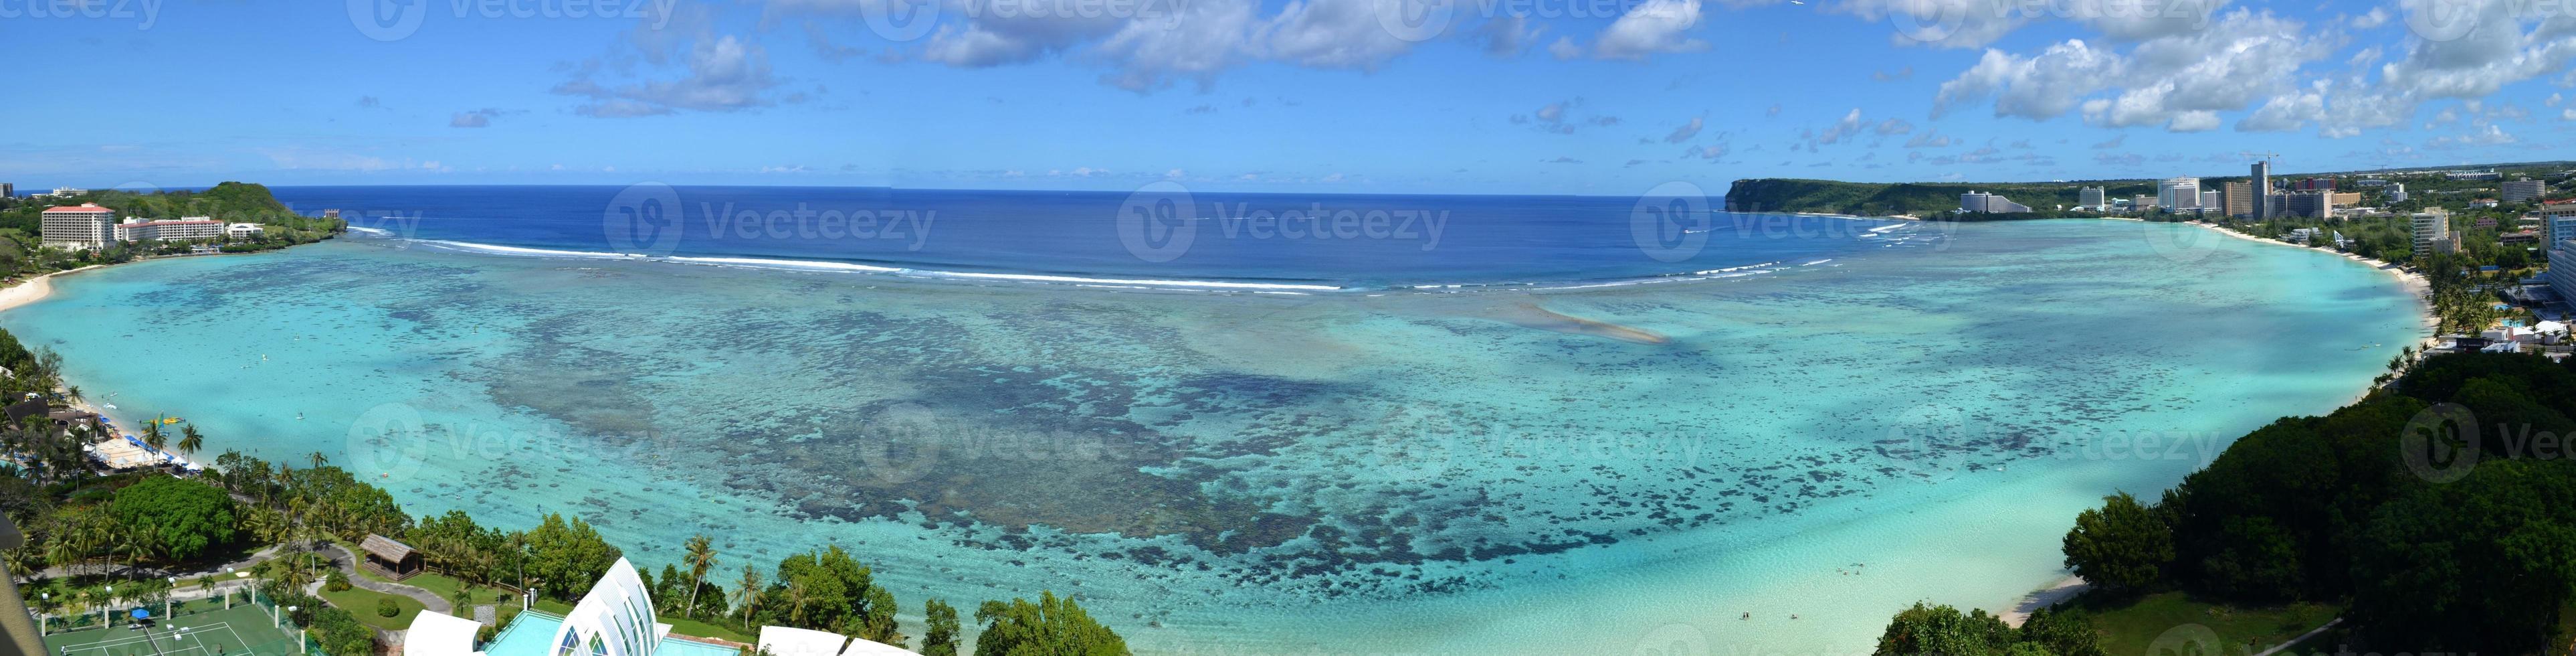 Bahía Tumon, Guam foto